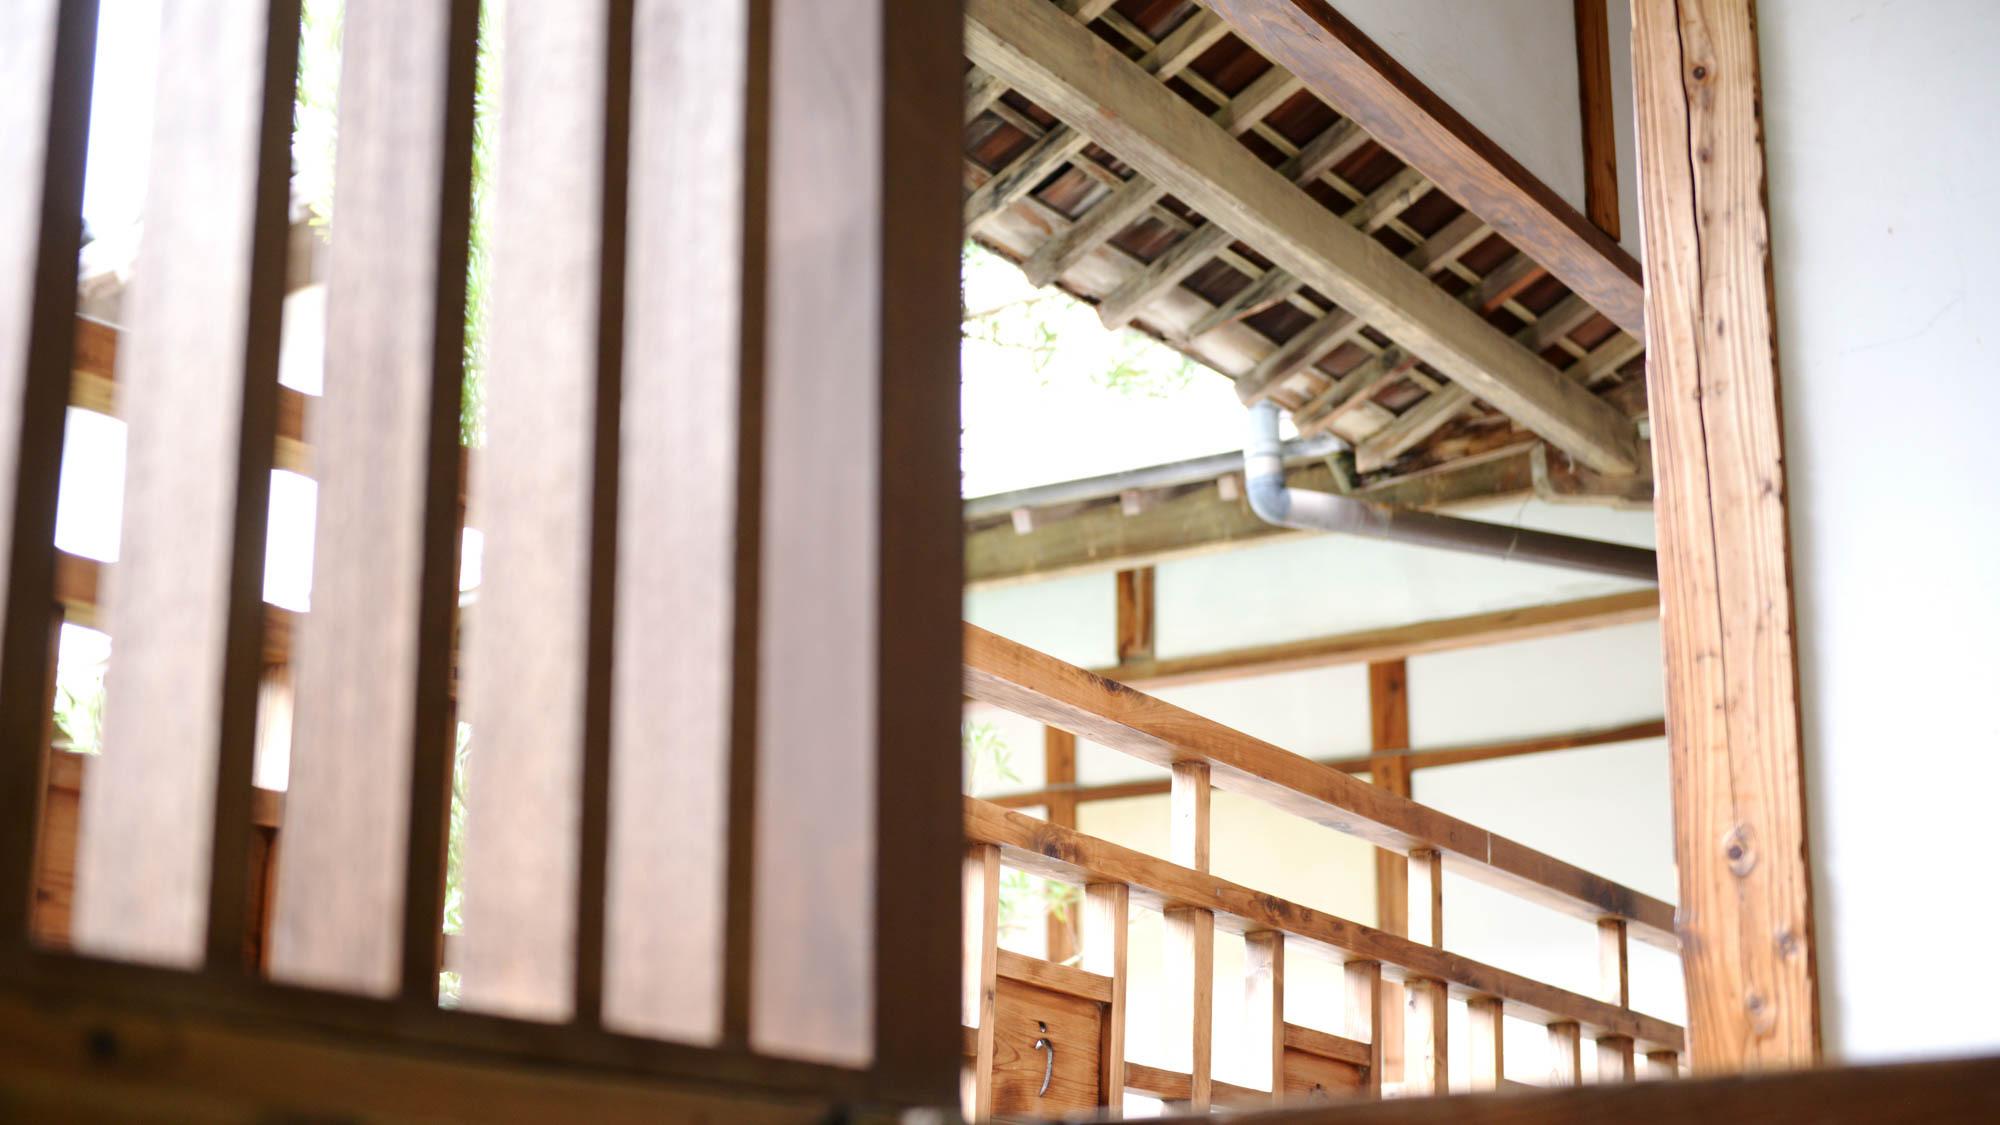 *【階段】階段から回廊、欄干や手摺りまで遊郭建築の意匠が残っています。是非、触れて感じてください。